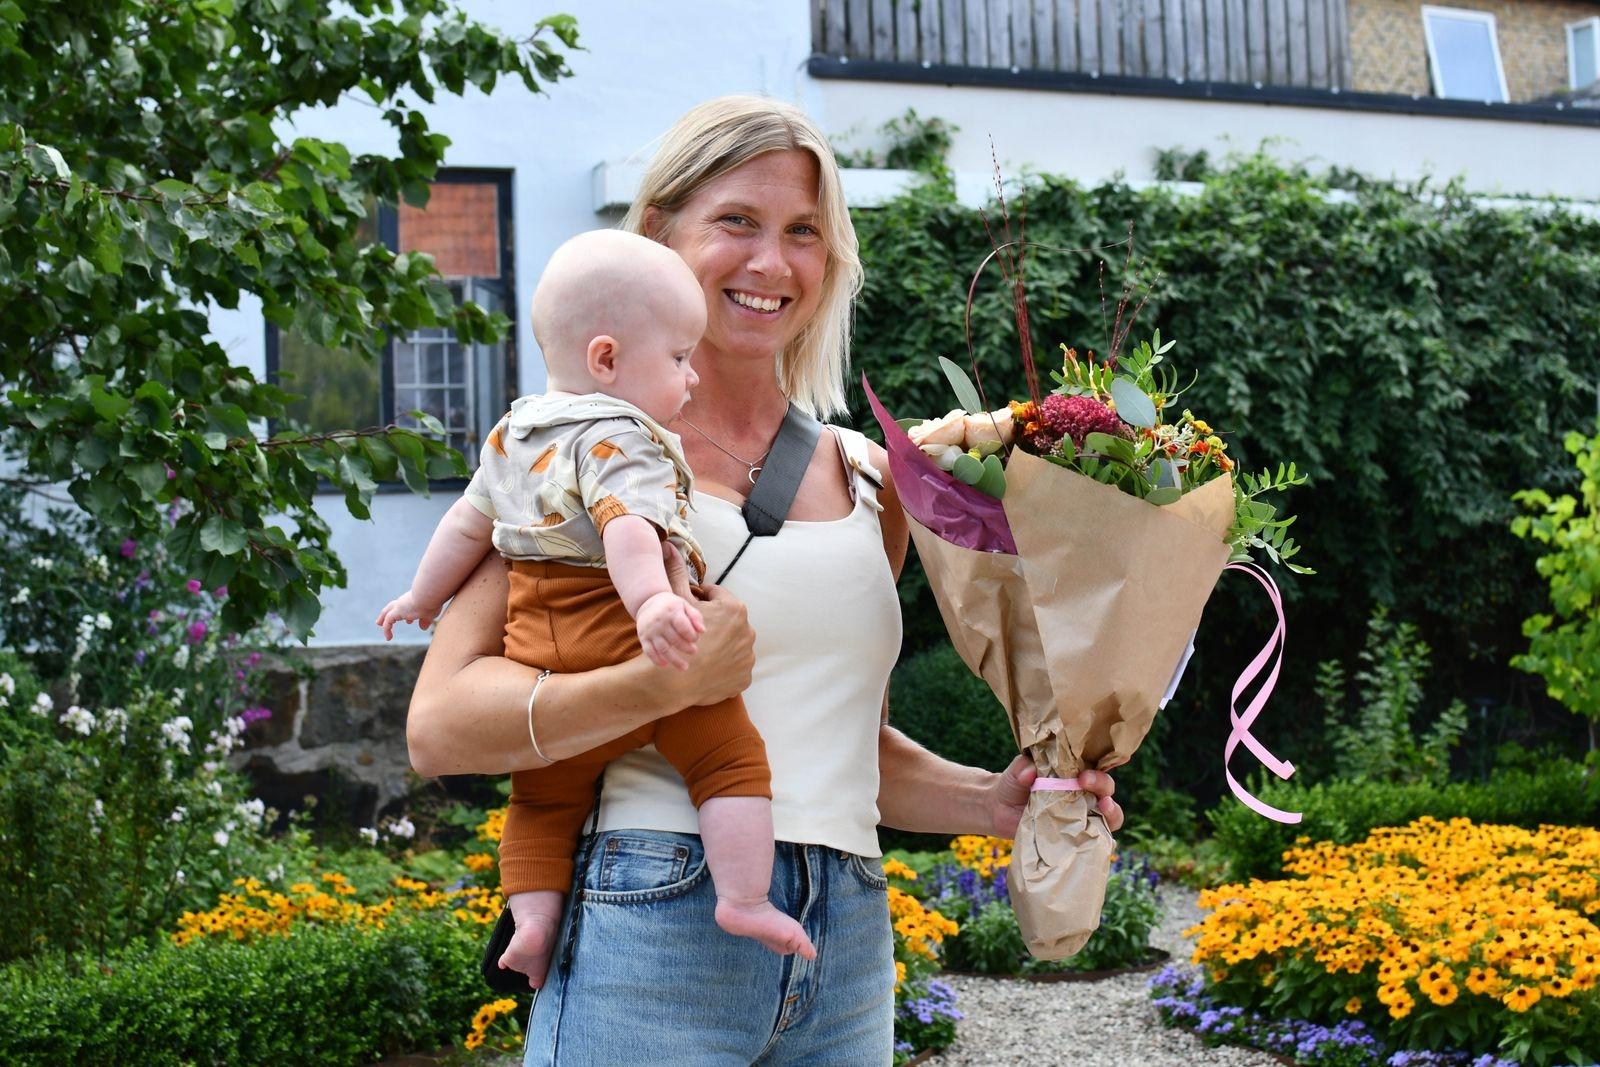 2020 års föreningsledarstipendiater är Tove och CarlJohan Wåhlin, konstnärliga ledare för Scen Österlen. På bilden syns Tove med parets dotter Hedda.